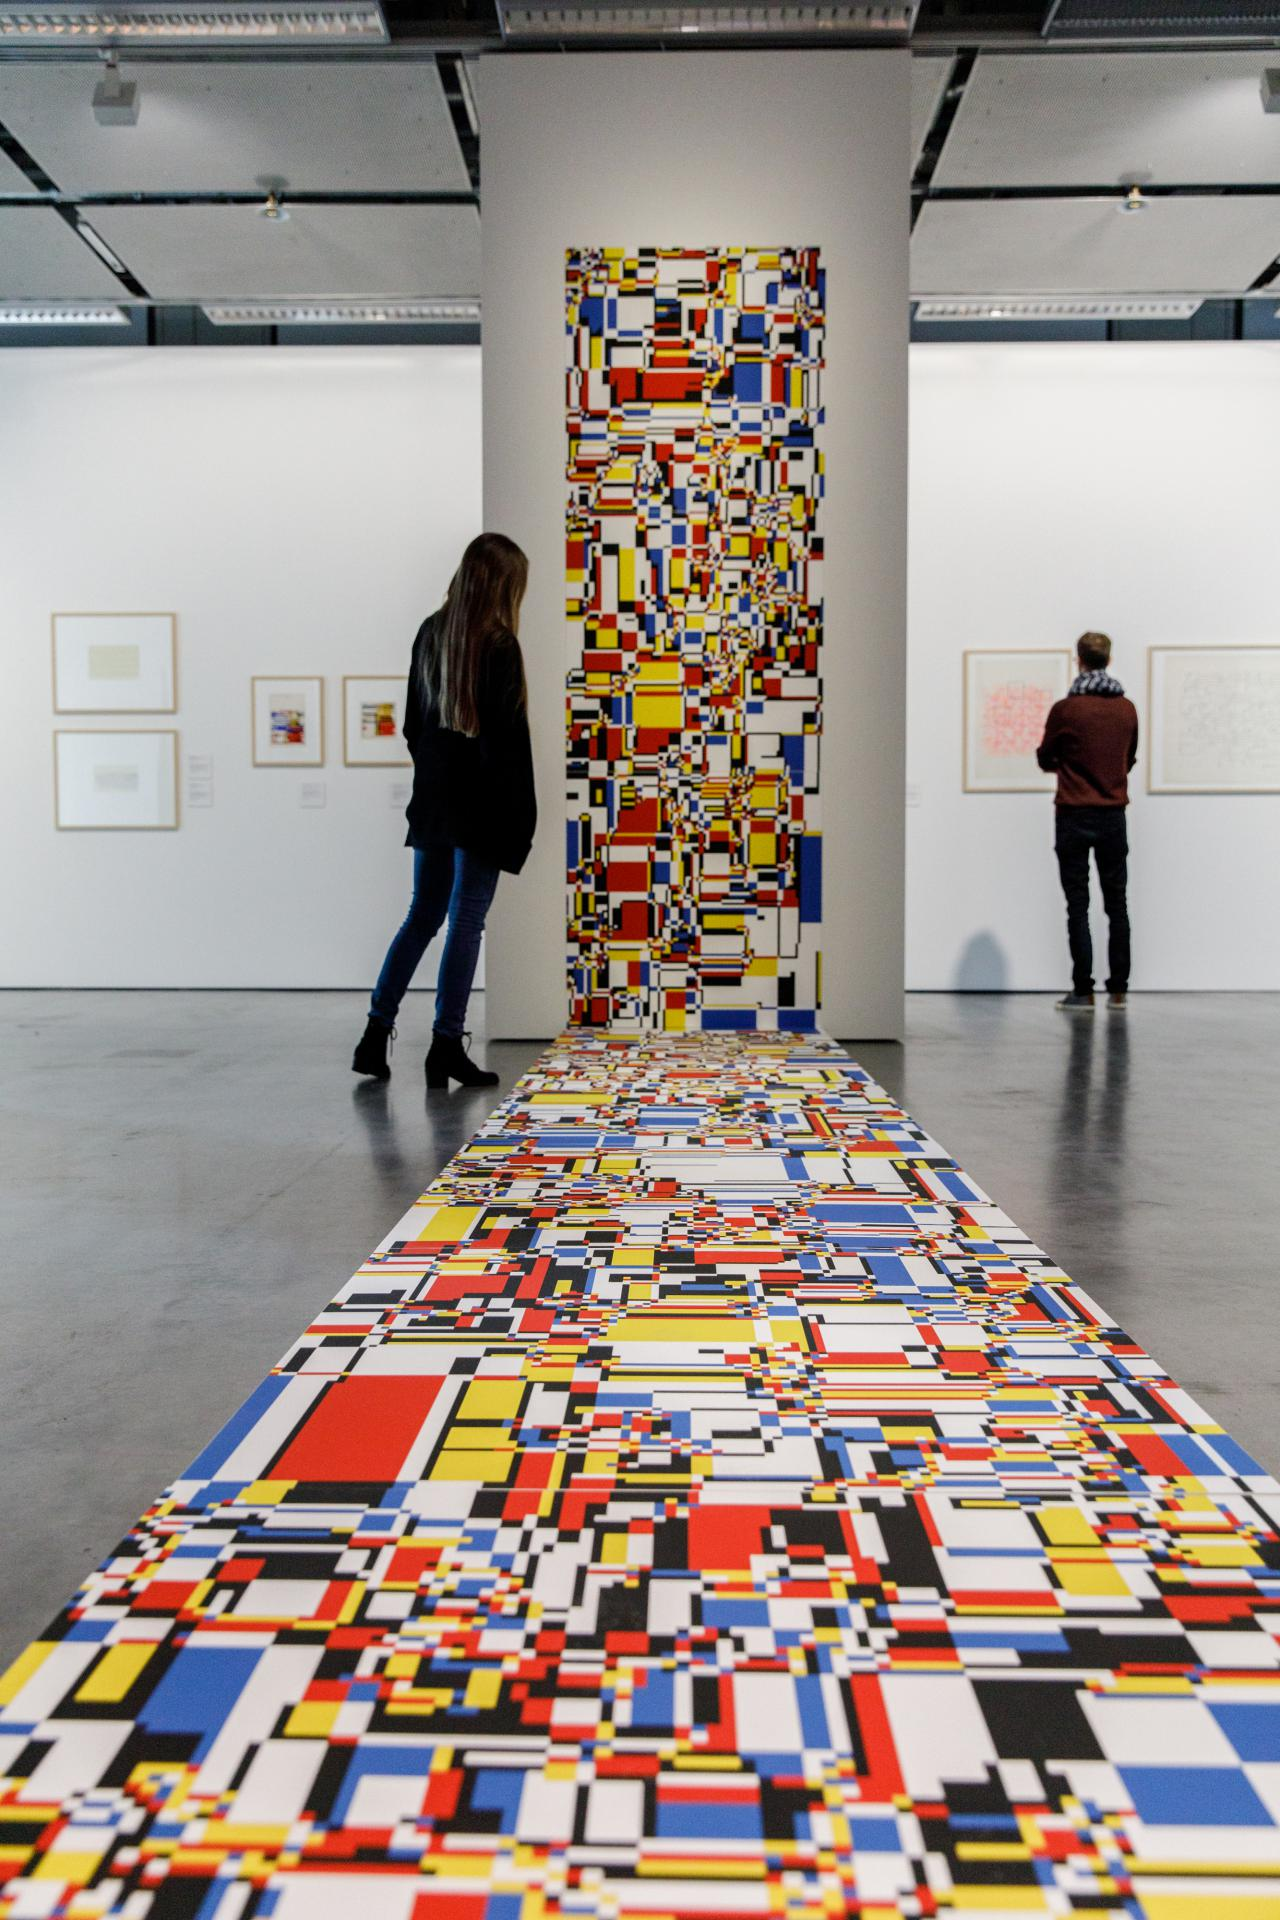 Ein Mosaik aus Farbflächen erstreckt sich von der Wand bis über den Boden